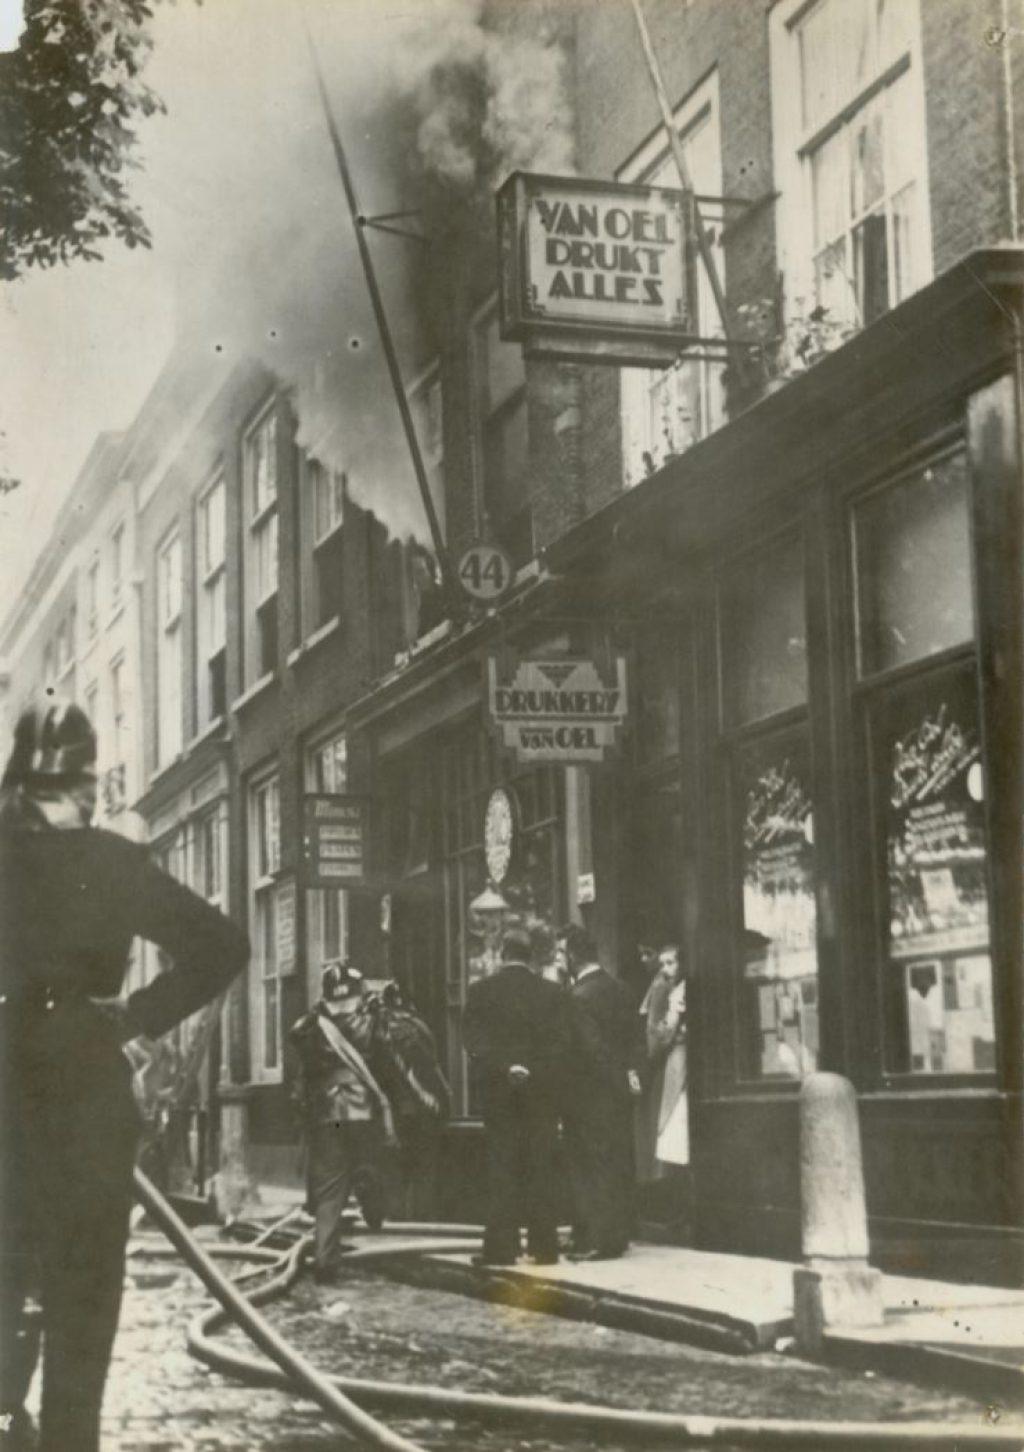 Brand in het woonhuis van A. van Oosten aan Koornmarkt 46 naast Drukkerij Van Oel, 1937, foto W.F. van Oosten (TMS 74102)